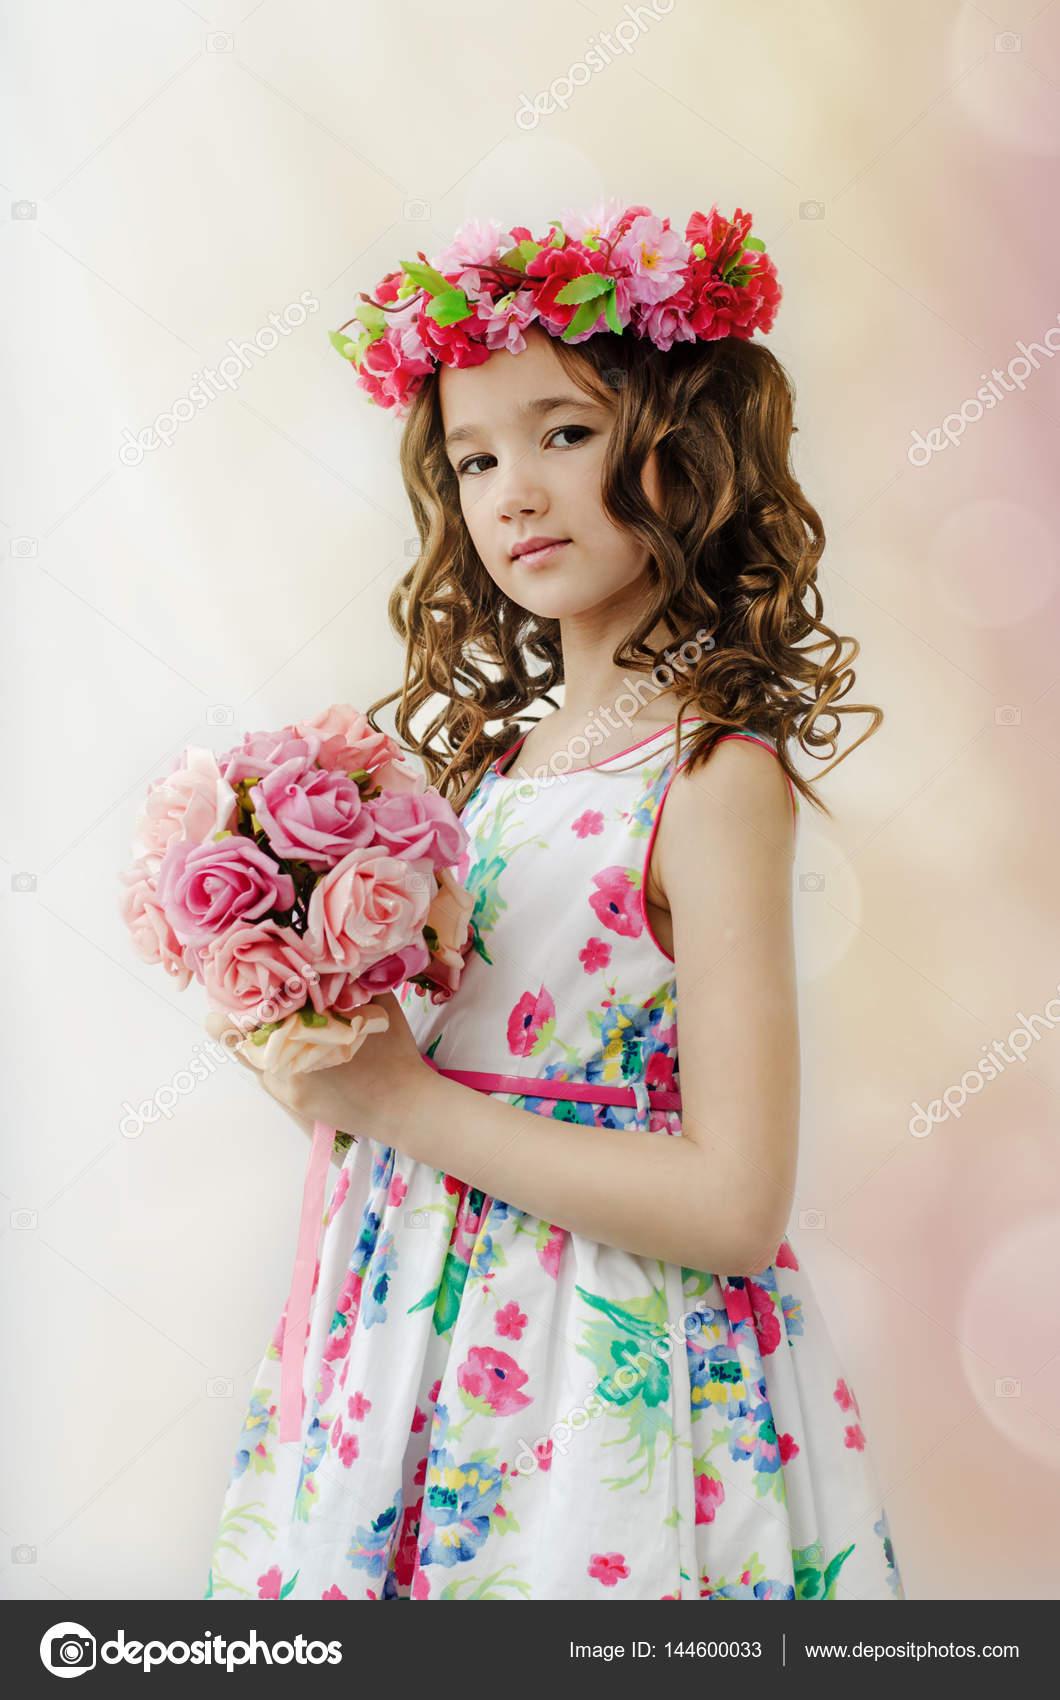 15b5bc4e9ef Πορτρέτο του χαριτωμένο μικρό κορίτσι στο φόρεμα άνοιξη ωραίο, ανθισμένο  στεφάνι στο κεφάλι, κρατά